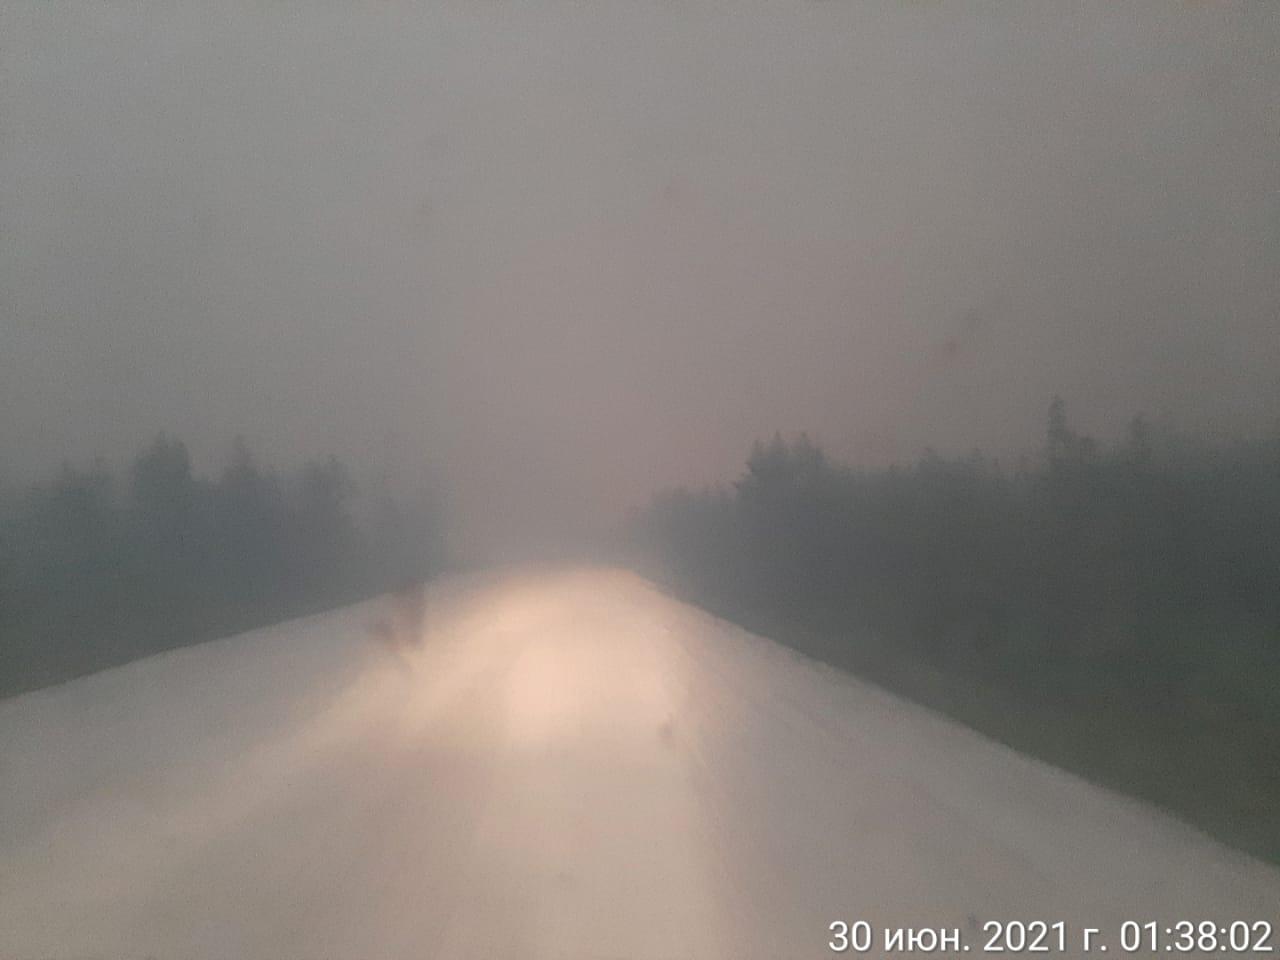 Временно закрыто движение на участке трассы Р-504 «Колыма» в Якутии